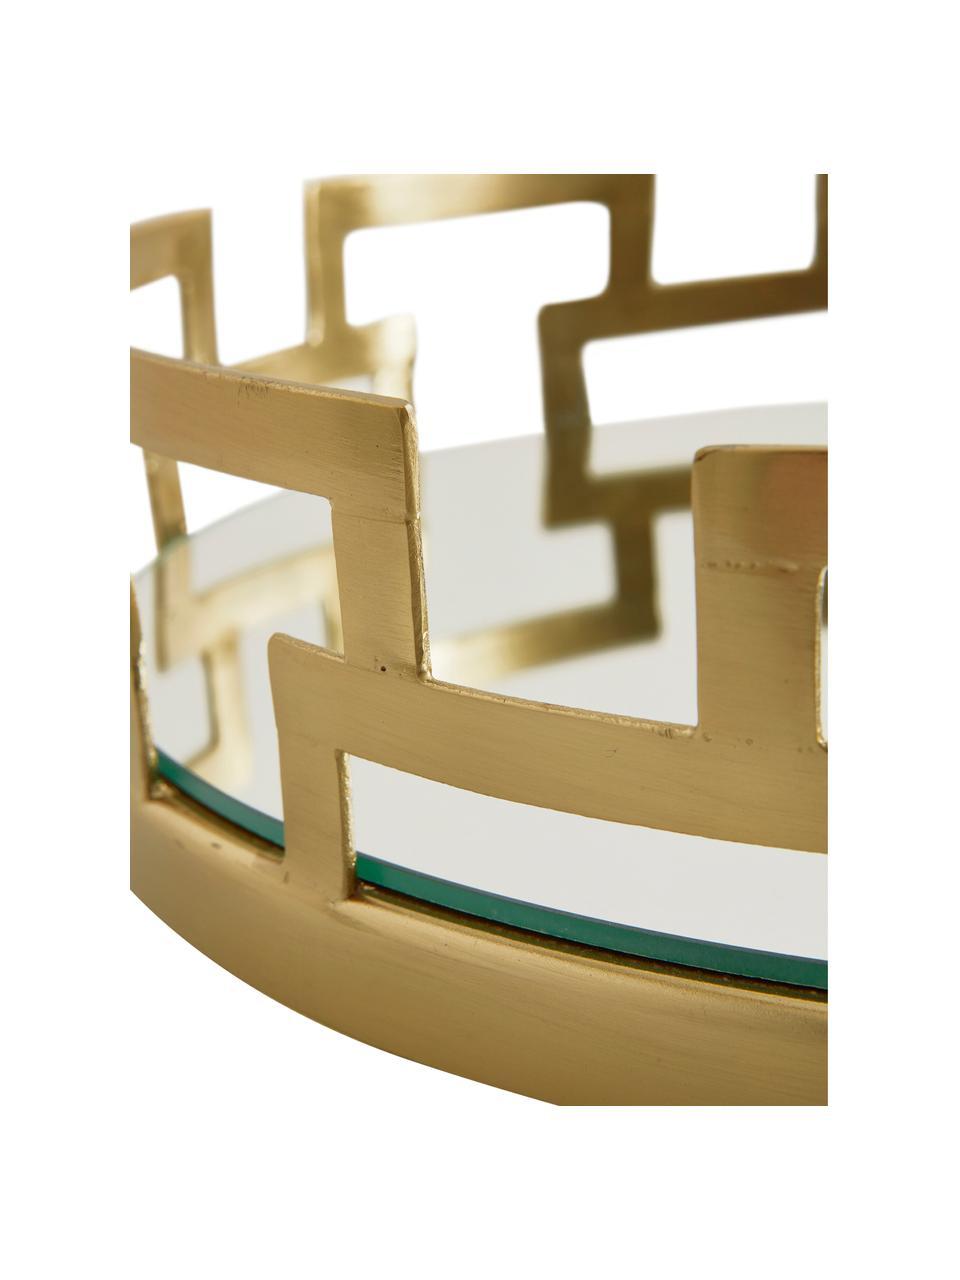 Deko-Tablett Mallis, Rahmen: Metall, beschichtet, Ablagefläche: Spiegelglas, Messingfarben, Ø 31 x H 8 cm